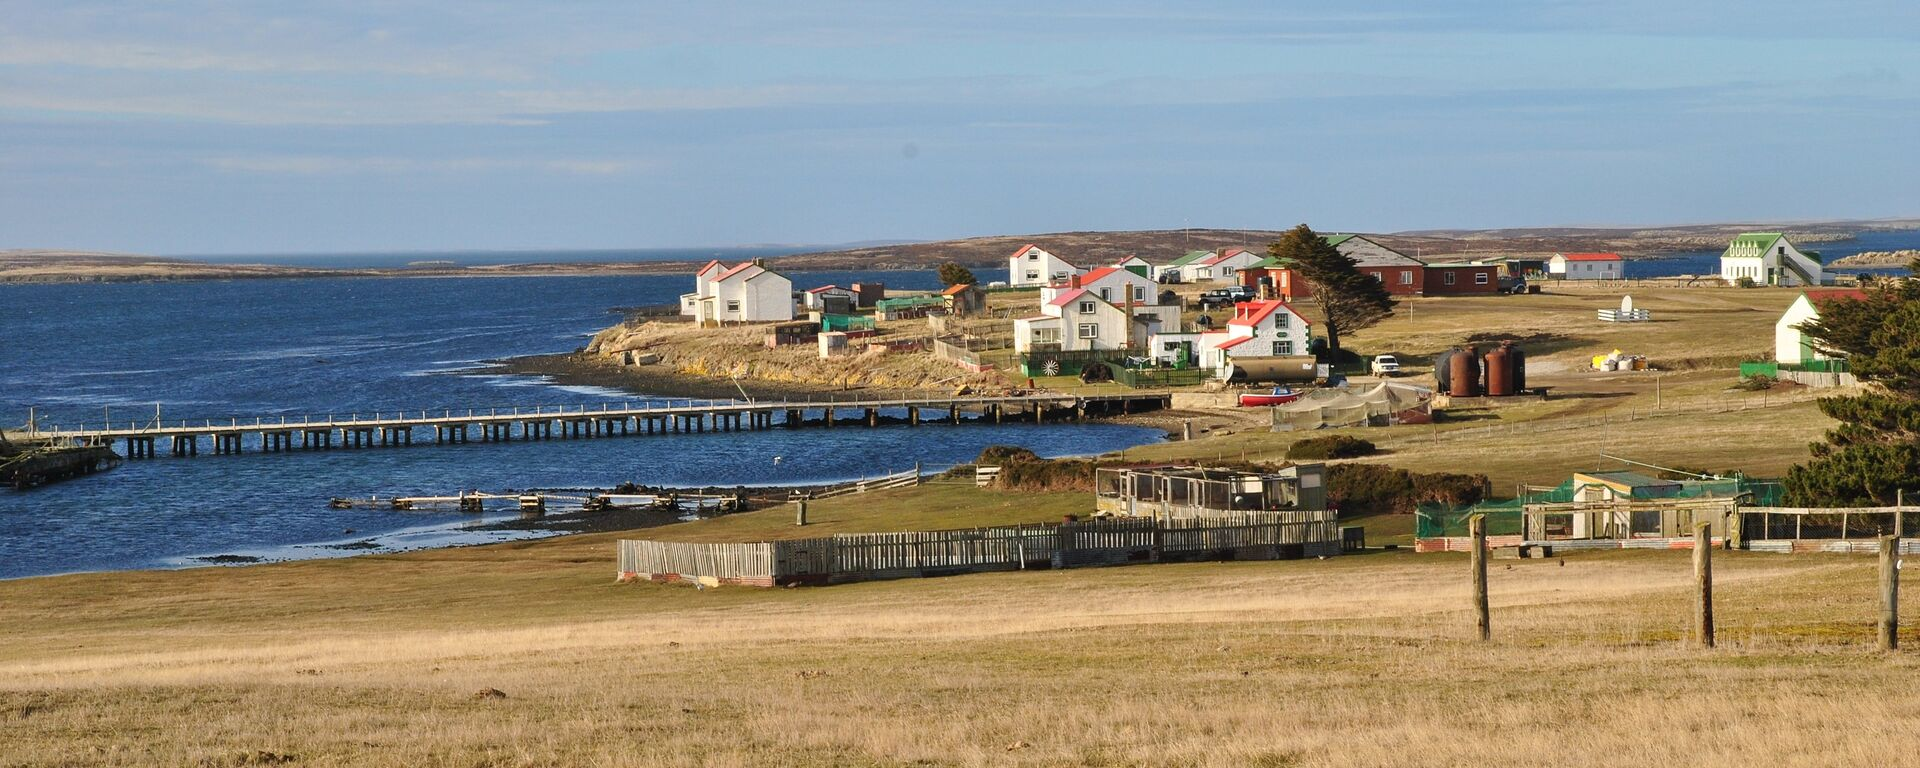 Goose Green, Falkland Islands - Sputnik Mundo, 1920, 16.03.2021